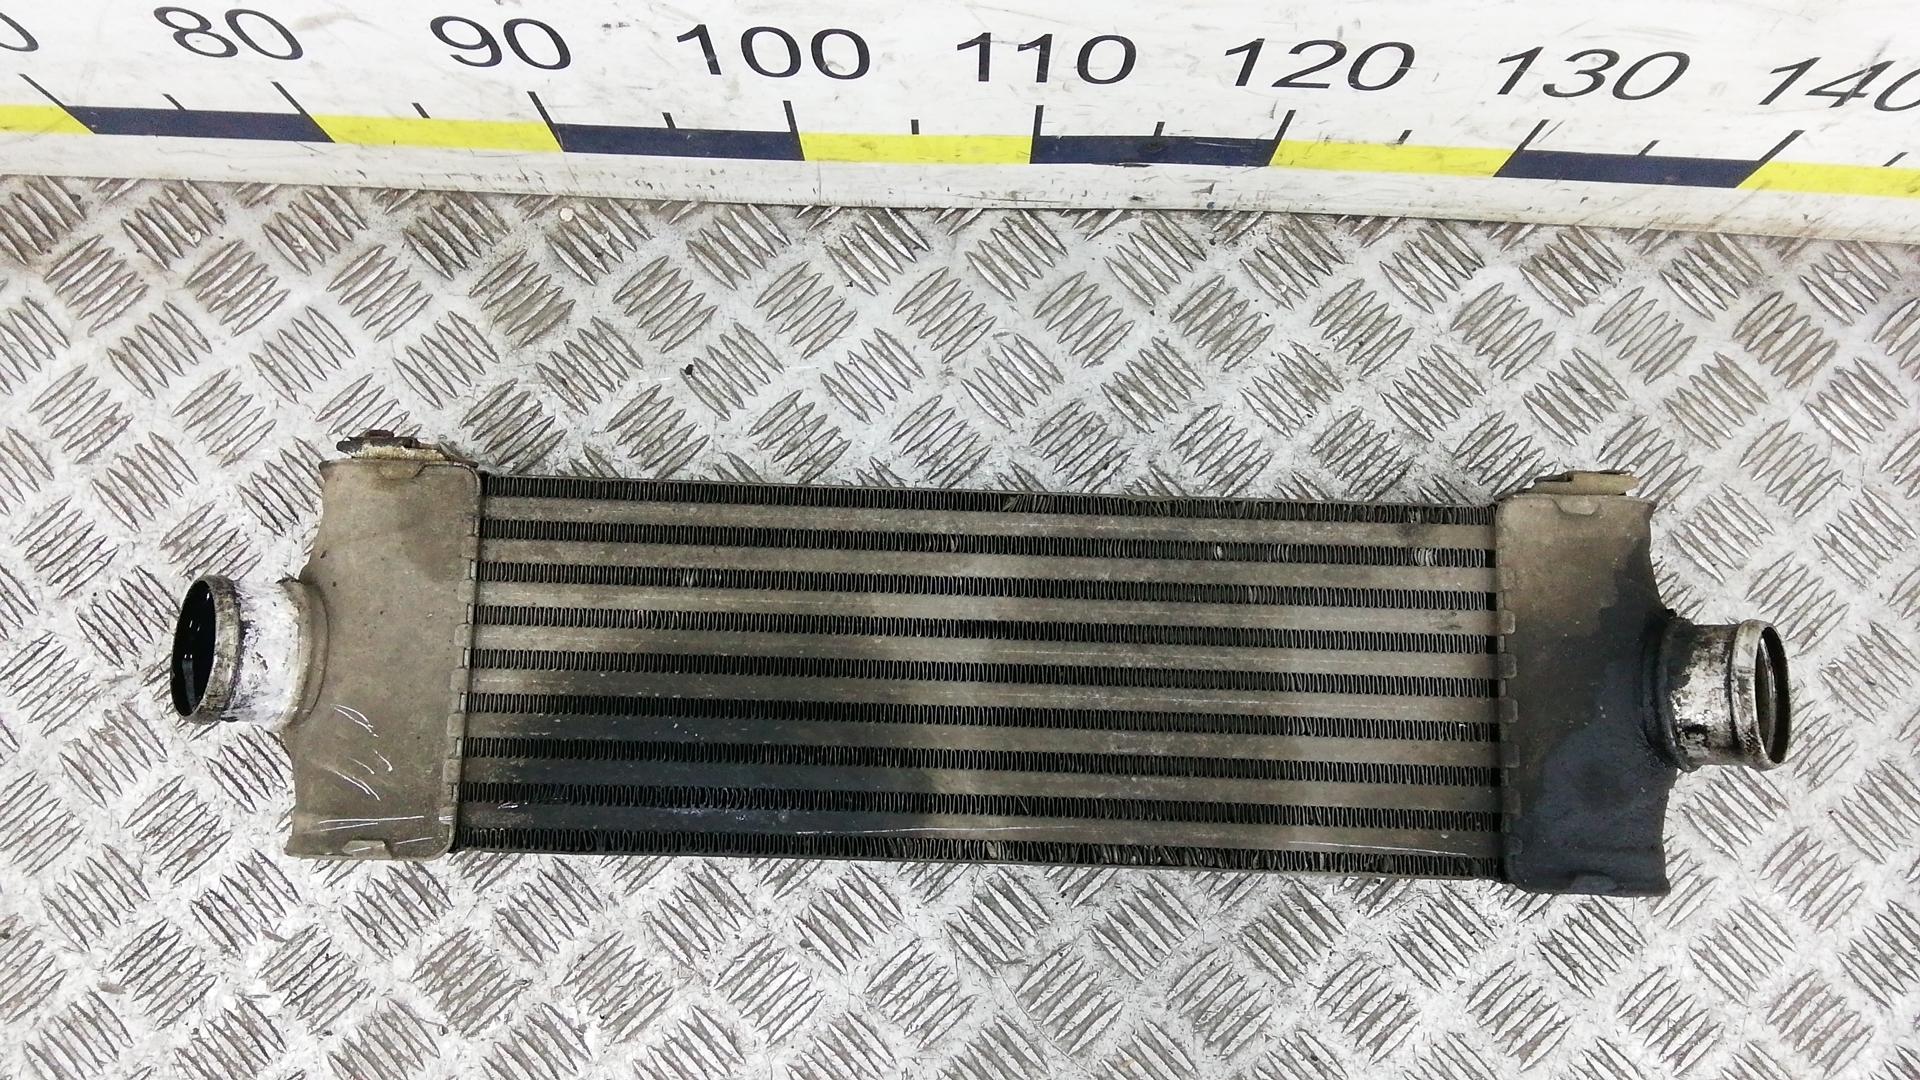 Радиатор интеркуллера, FORD, TRANSIT 7, 2006